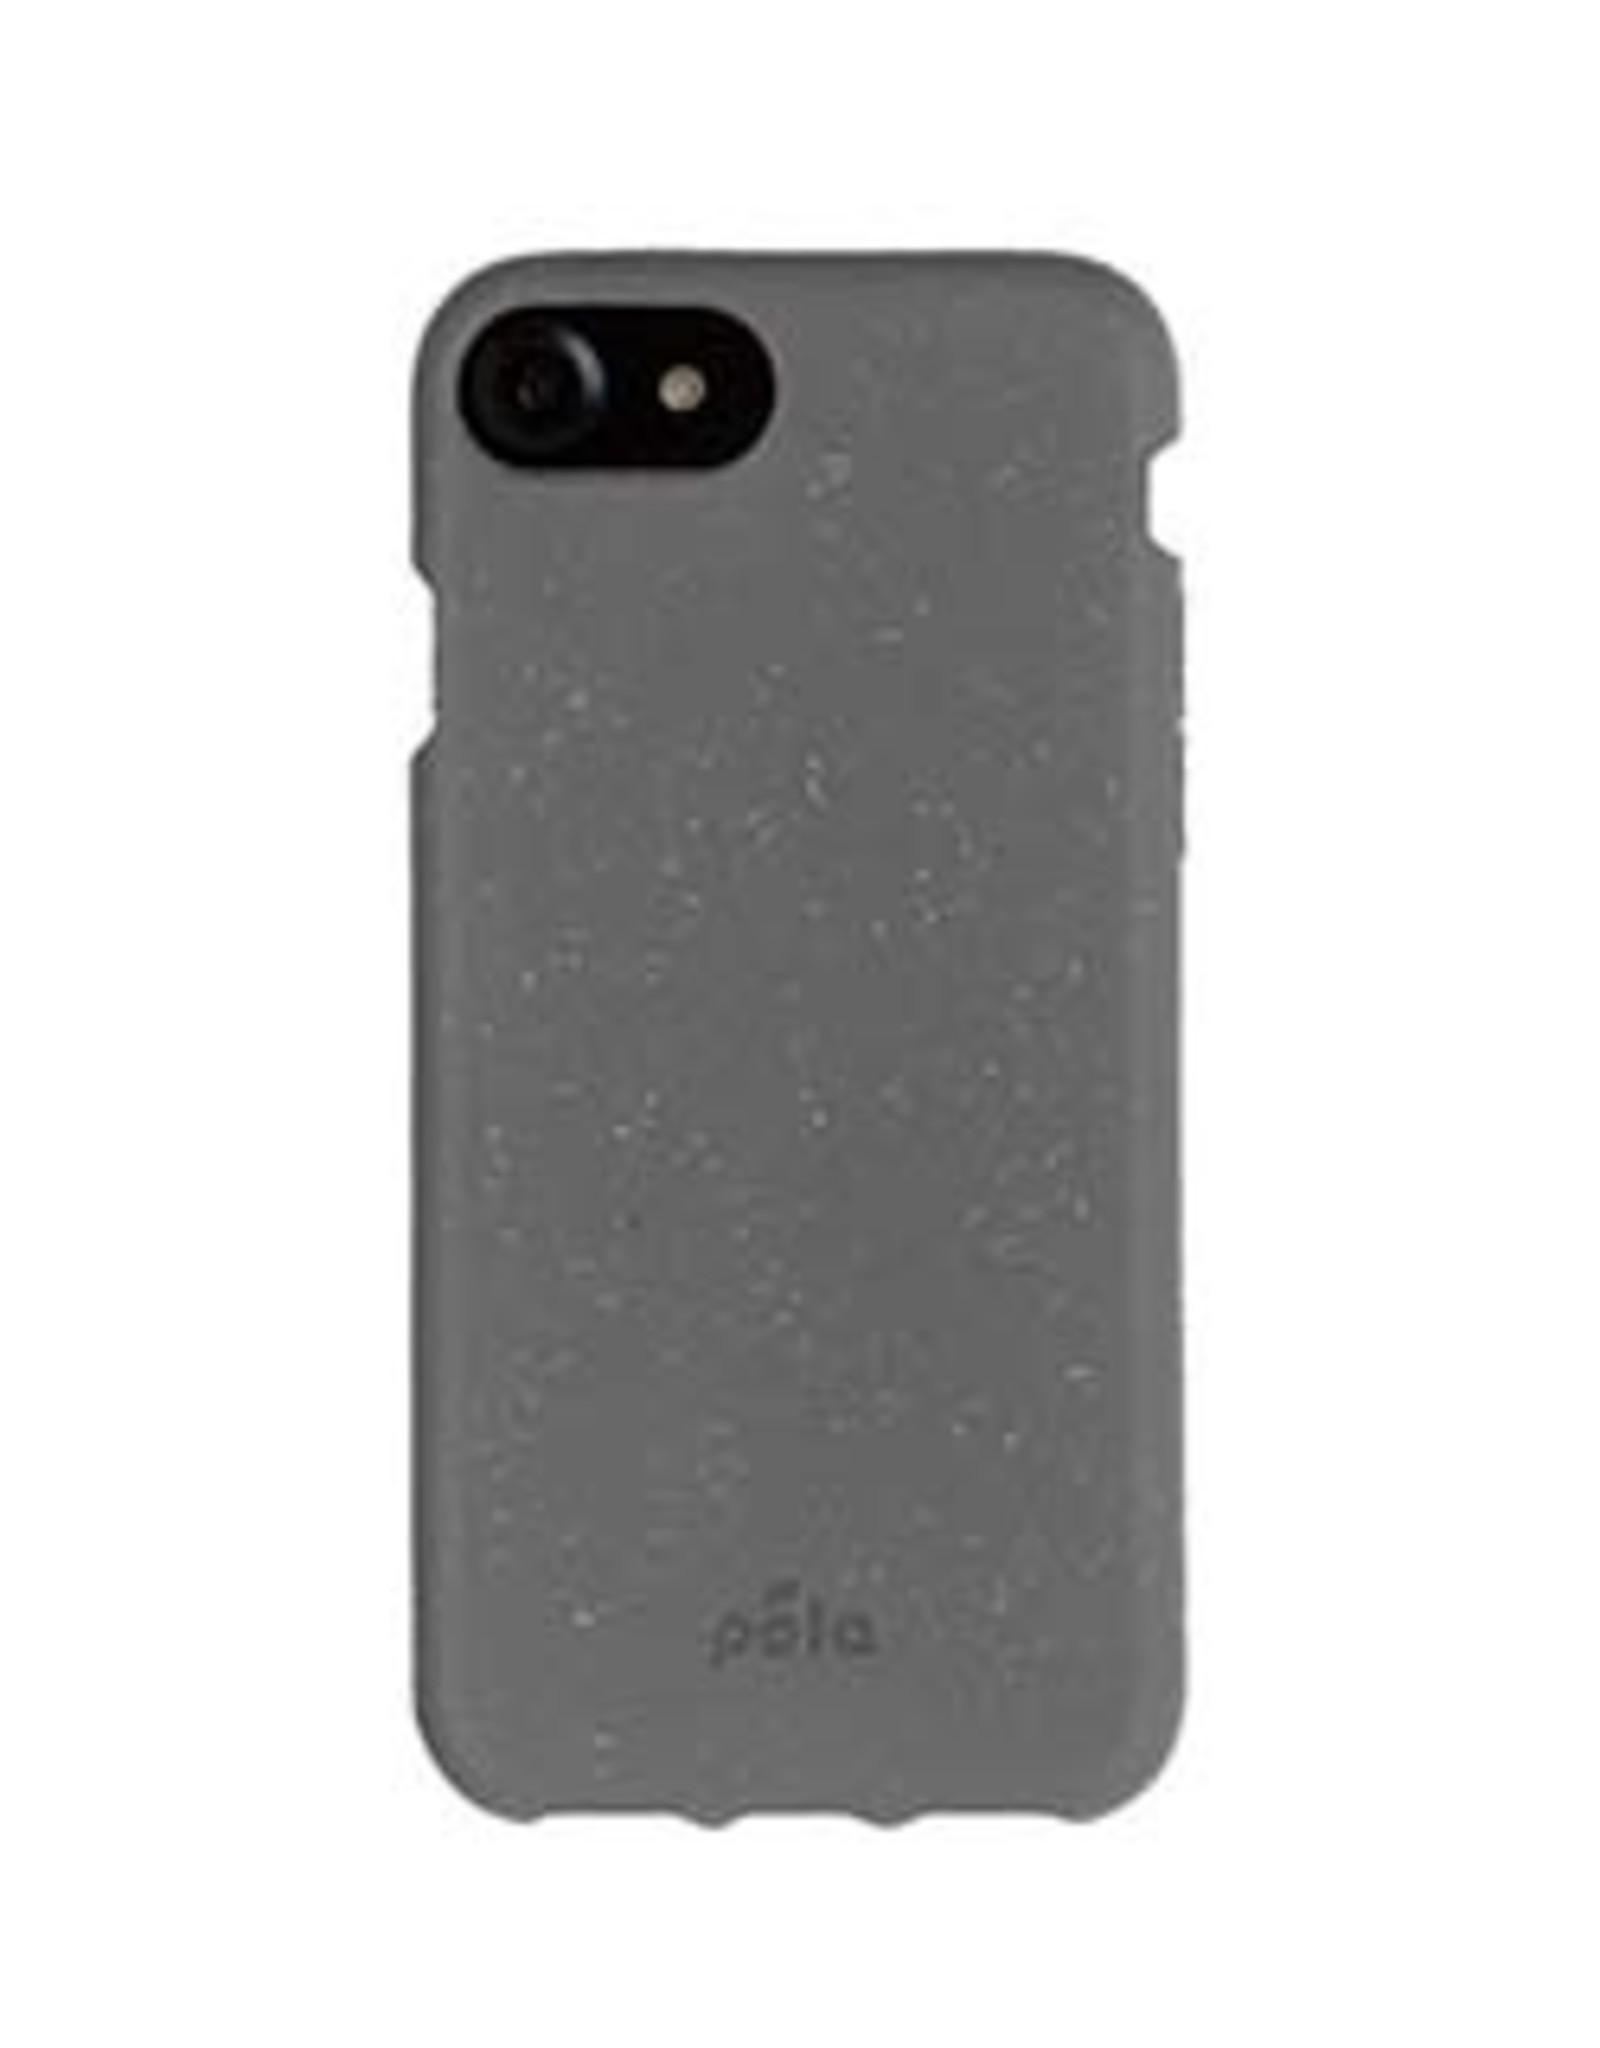 Pela iPhone 8 Plus/7 Plus/6S Plus/6 Plus Pela Grey (Shark Skin) Compostable Eco-Friendly Protective Case